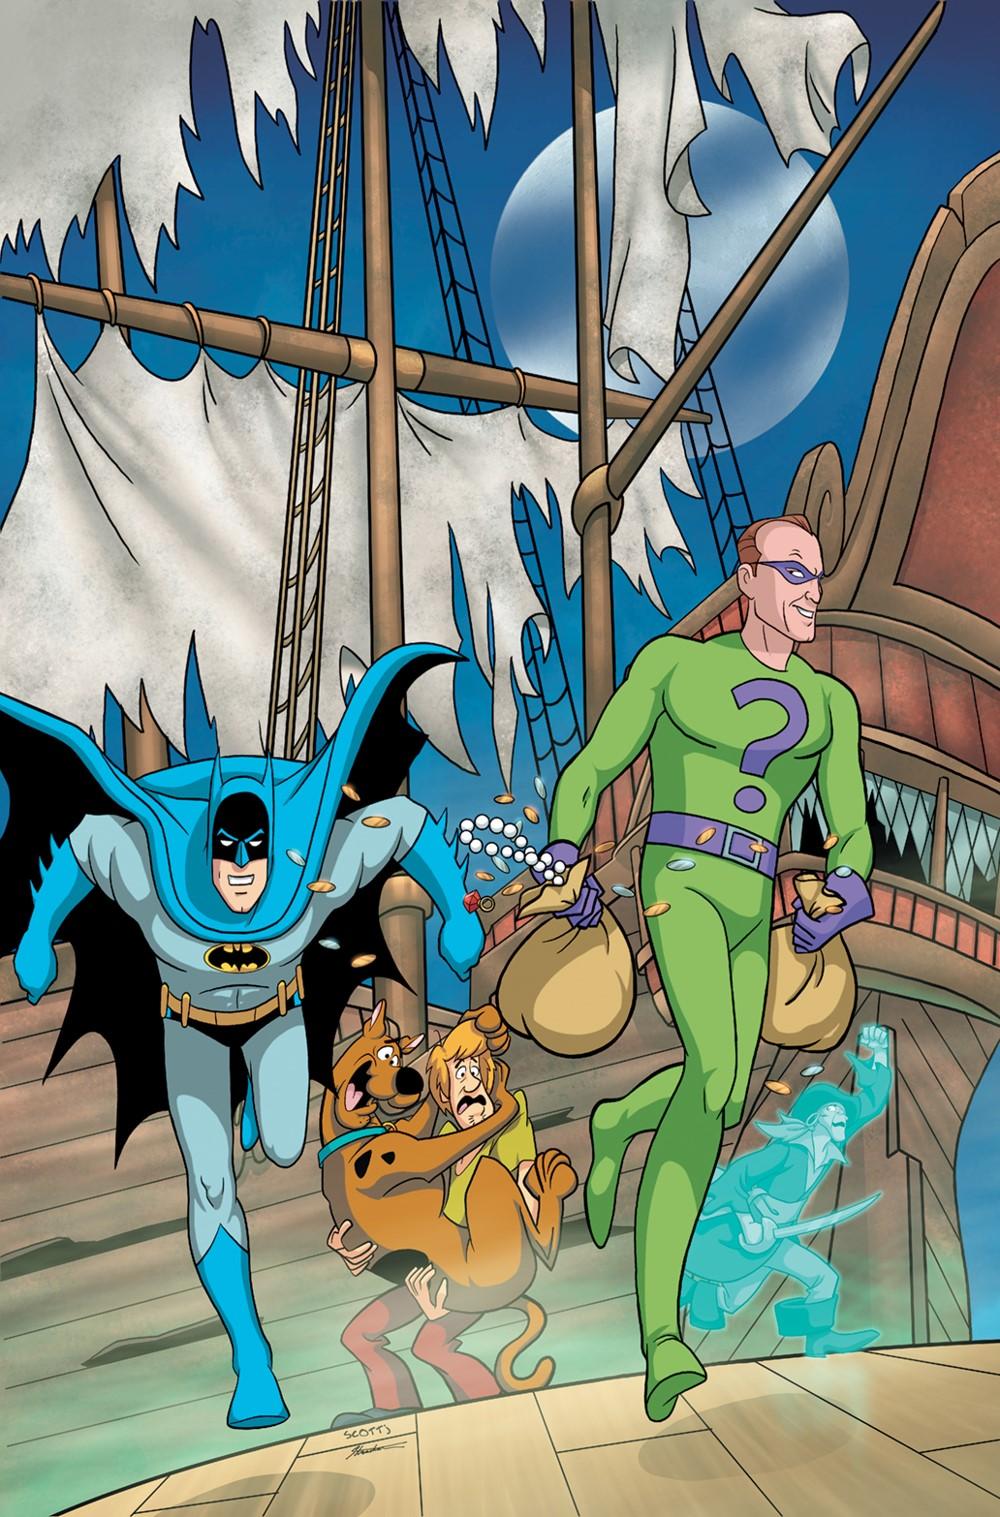 BMSDMysteries_09 DC Comics December 2021 Solicitations